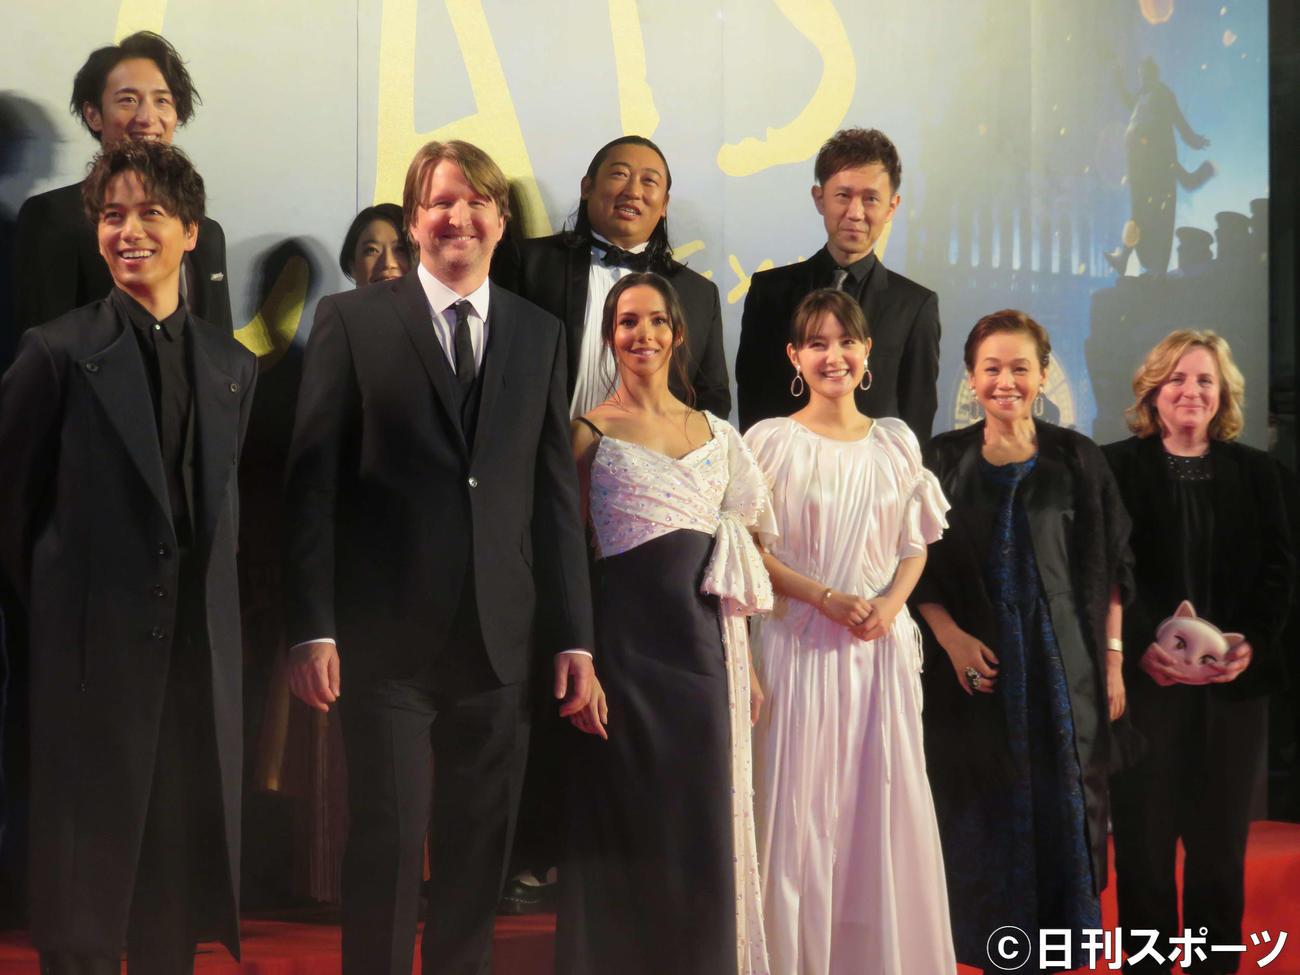 映画「キャッツ」のイベントに出席する前列左から山崎育三郎ら